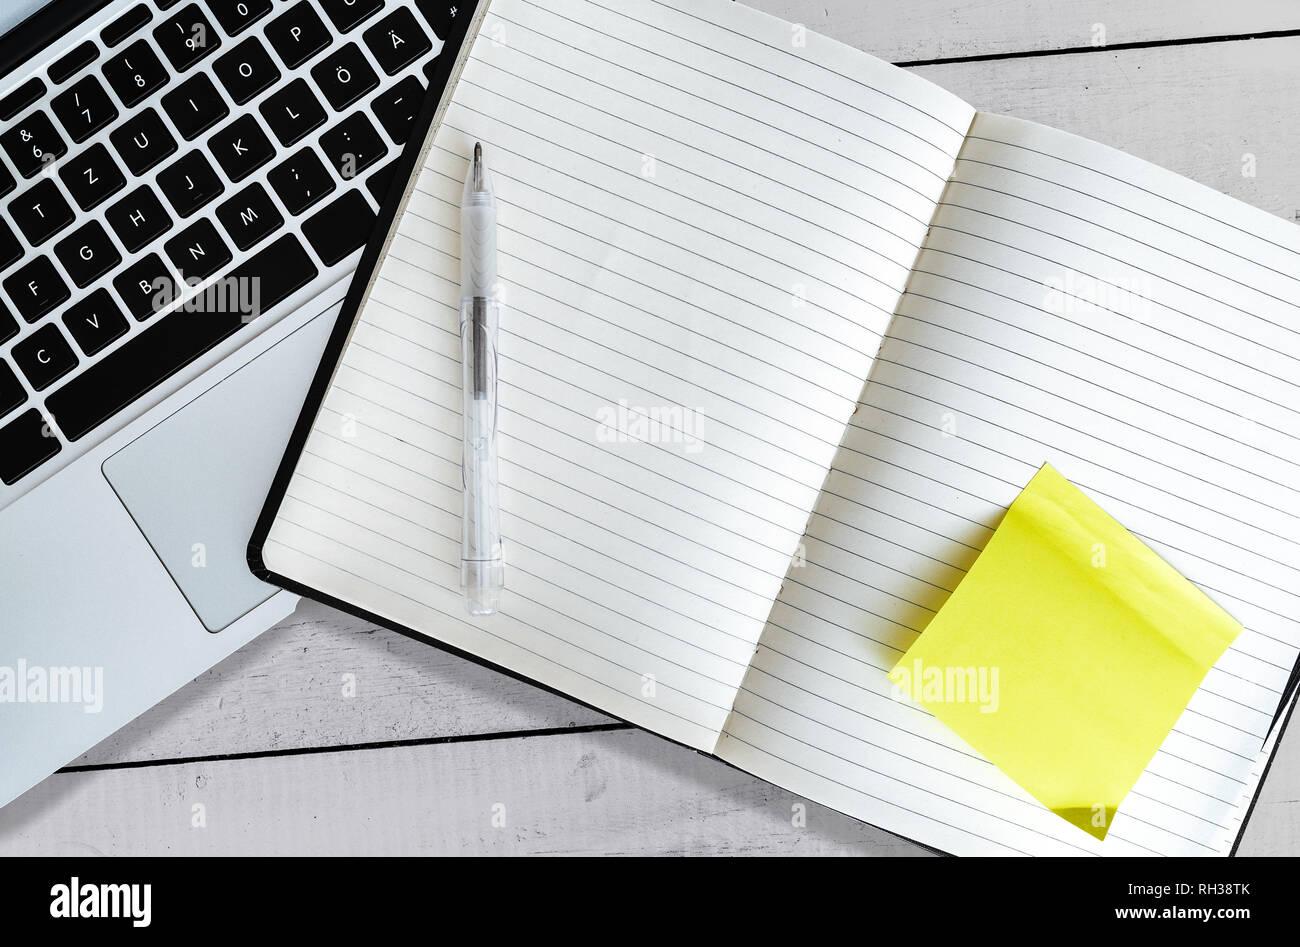 Blank aprire Appunti con bigliettino giallo accanto al laptop sul bianco rustico tavolo in legno Immagini Stock